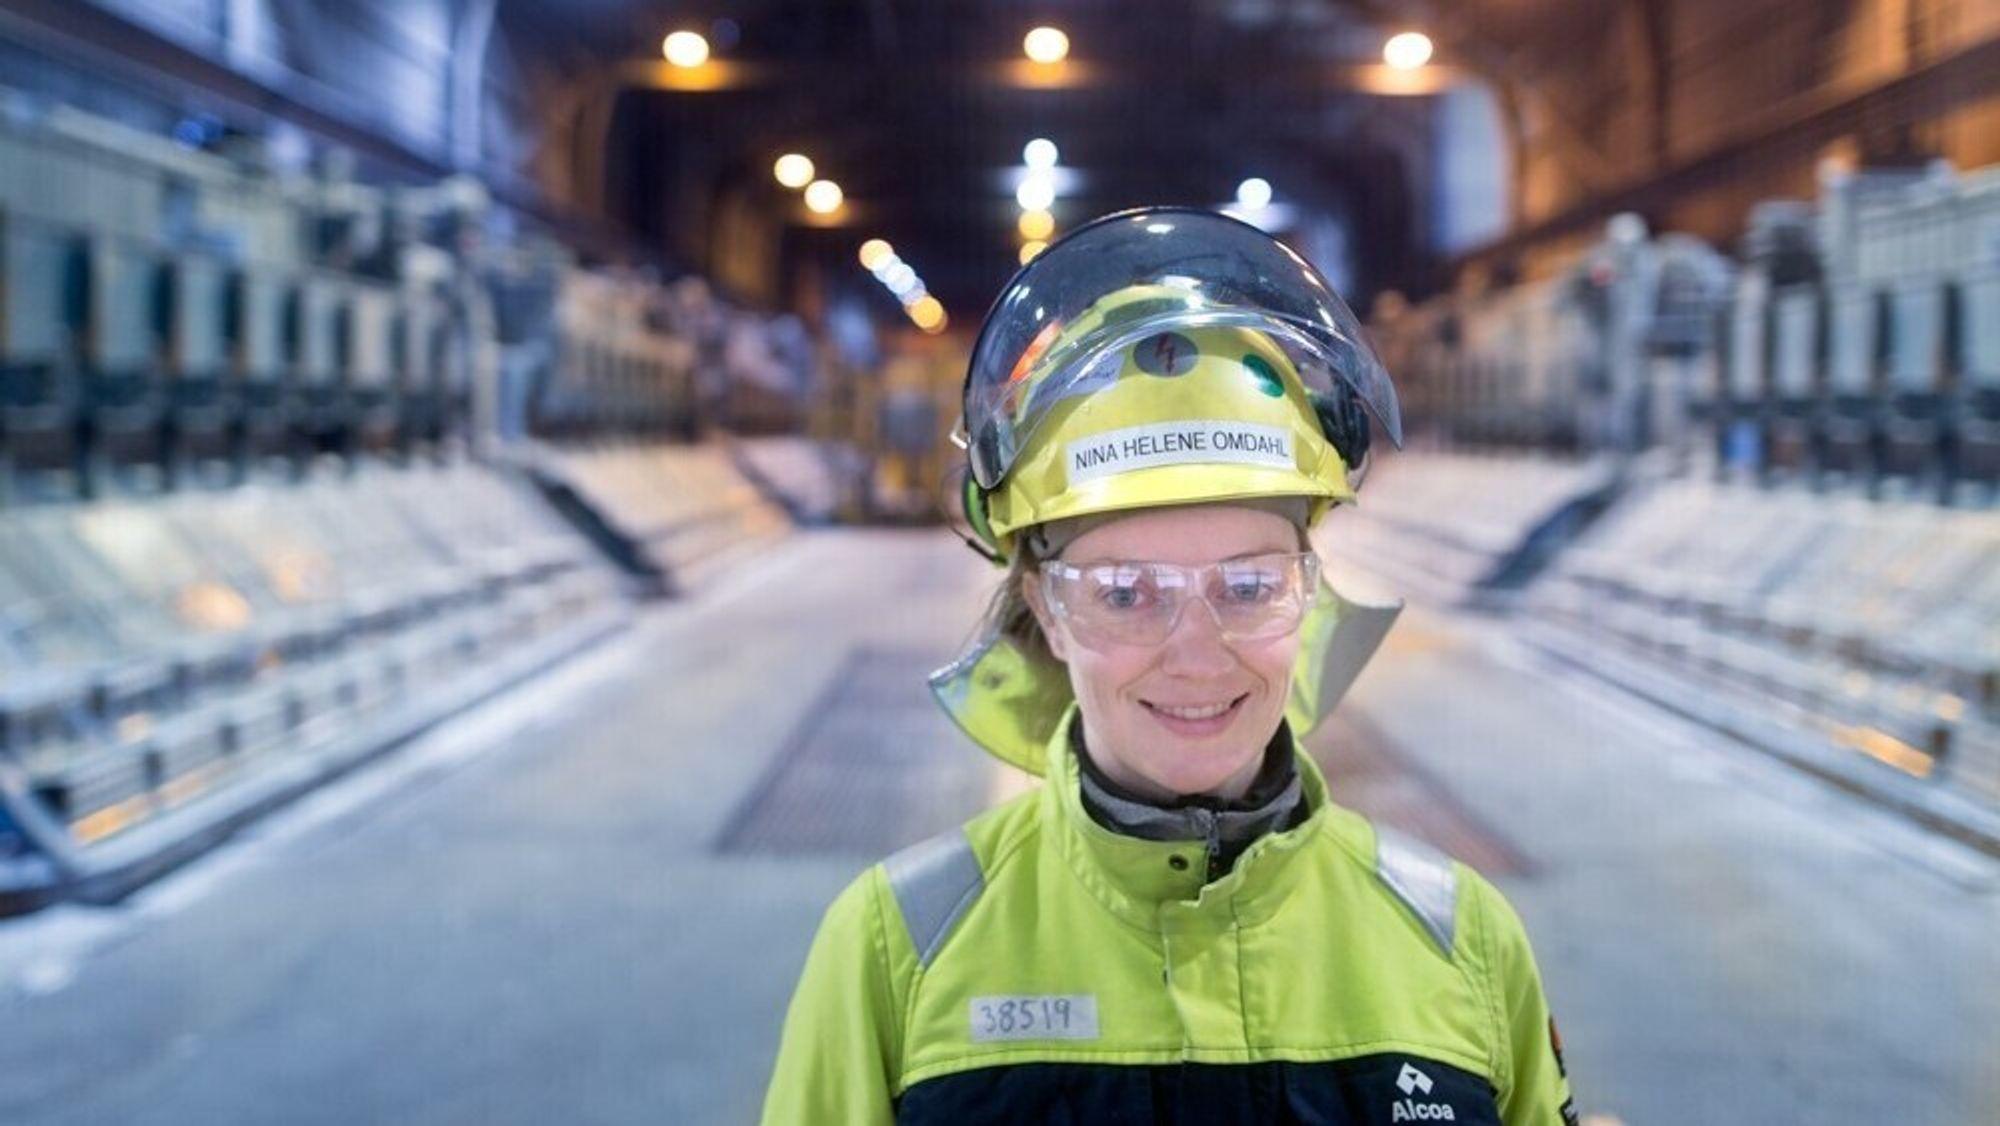 Vi trenger derfor en snarlig politisk avklaring på hvordan CO2-kompensasjonsordningen skal innrettes i Norge de neste fem årene, skriver Nina Helene Omdahl og hennes kolleger i Alcoa i dette innlegget.